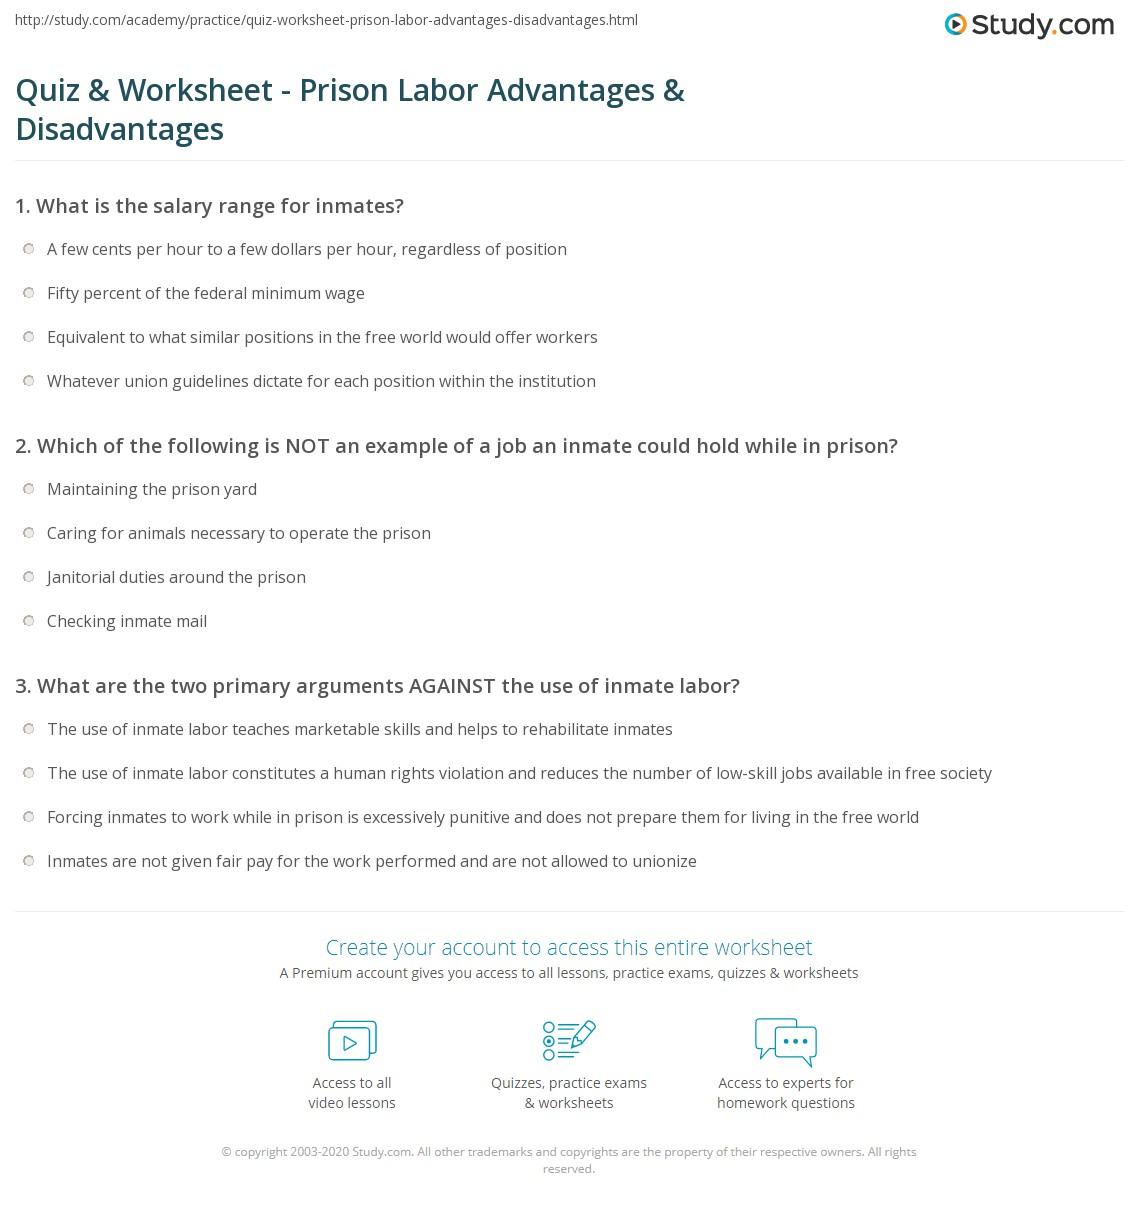 quiz worksheet prison labor advantages disadvantages. Black Bedroom Furniture Sets. Home Design Ideas